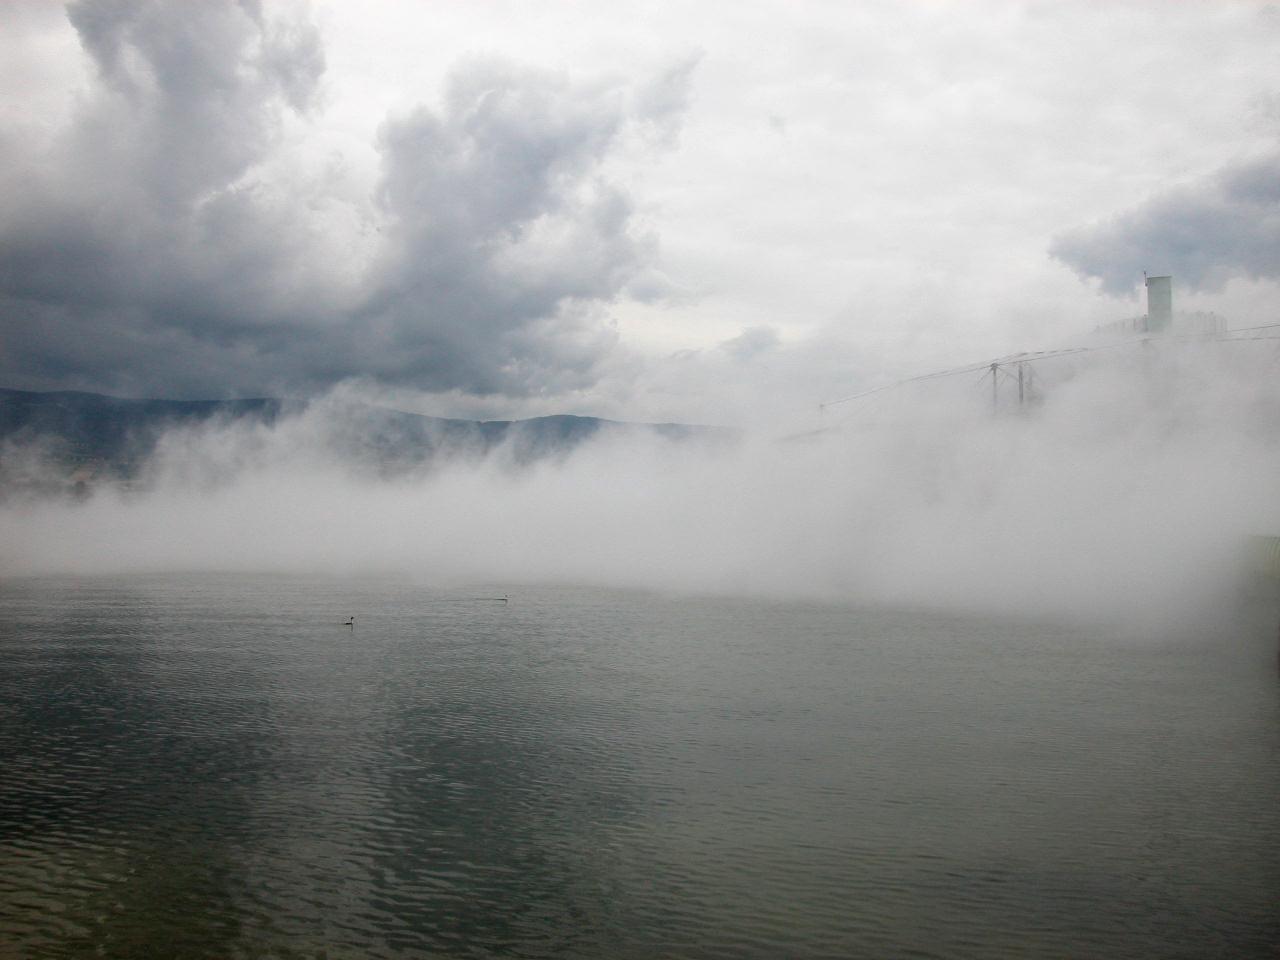 diane-dubeau-nuage-blur-building-diller-scofidio-8